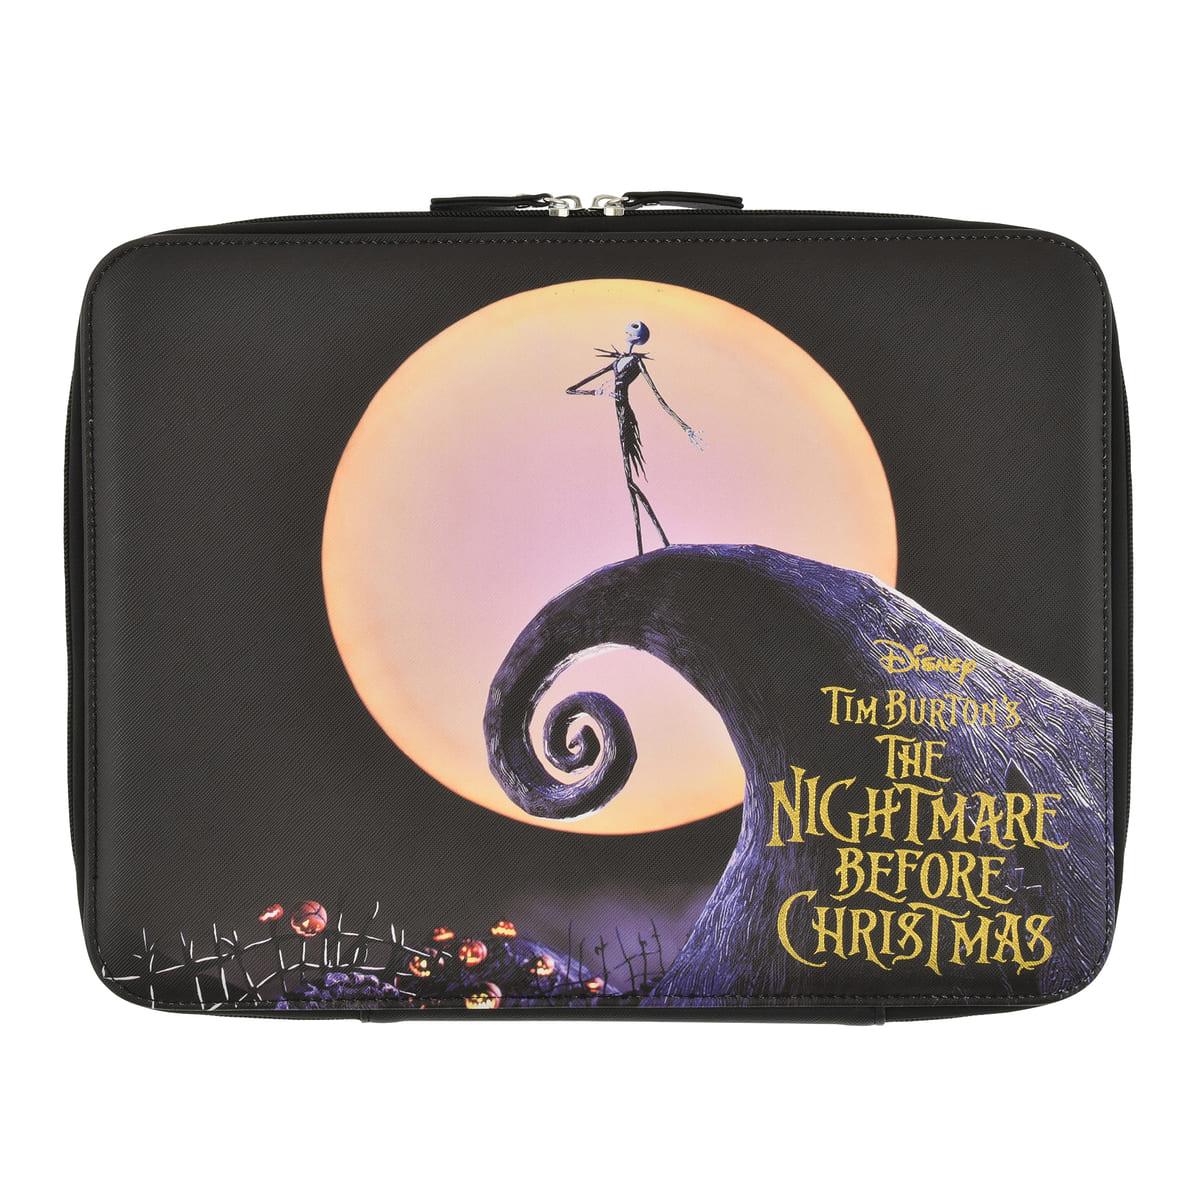 ティム・バートン ナイトメアー・ビフォア・クリスマス ノートパソコンケース リバーシブル Tim Burton's The Nightmare Before Christmas